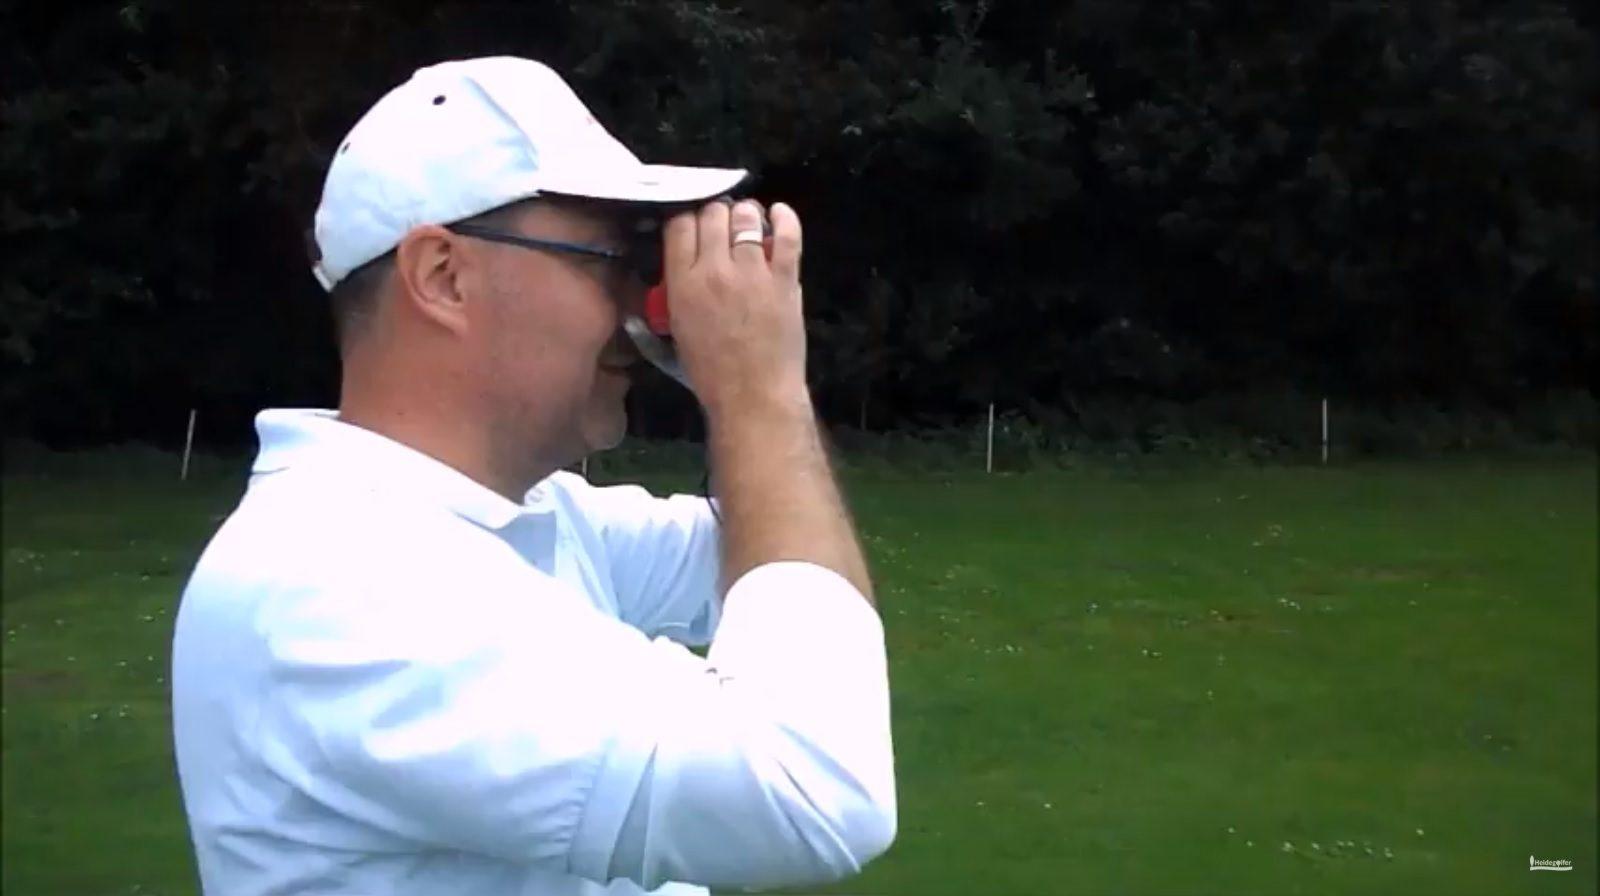 Golf Entfernungsmesser Tour V3 : Finden sie hohe qualität golf range finder hersteller und